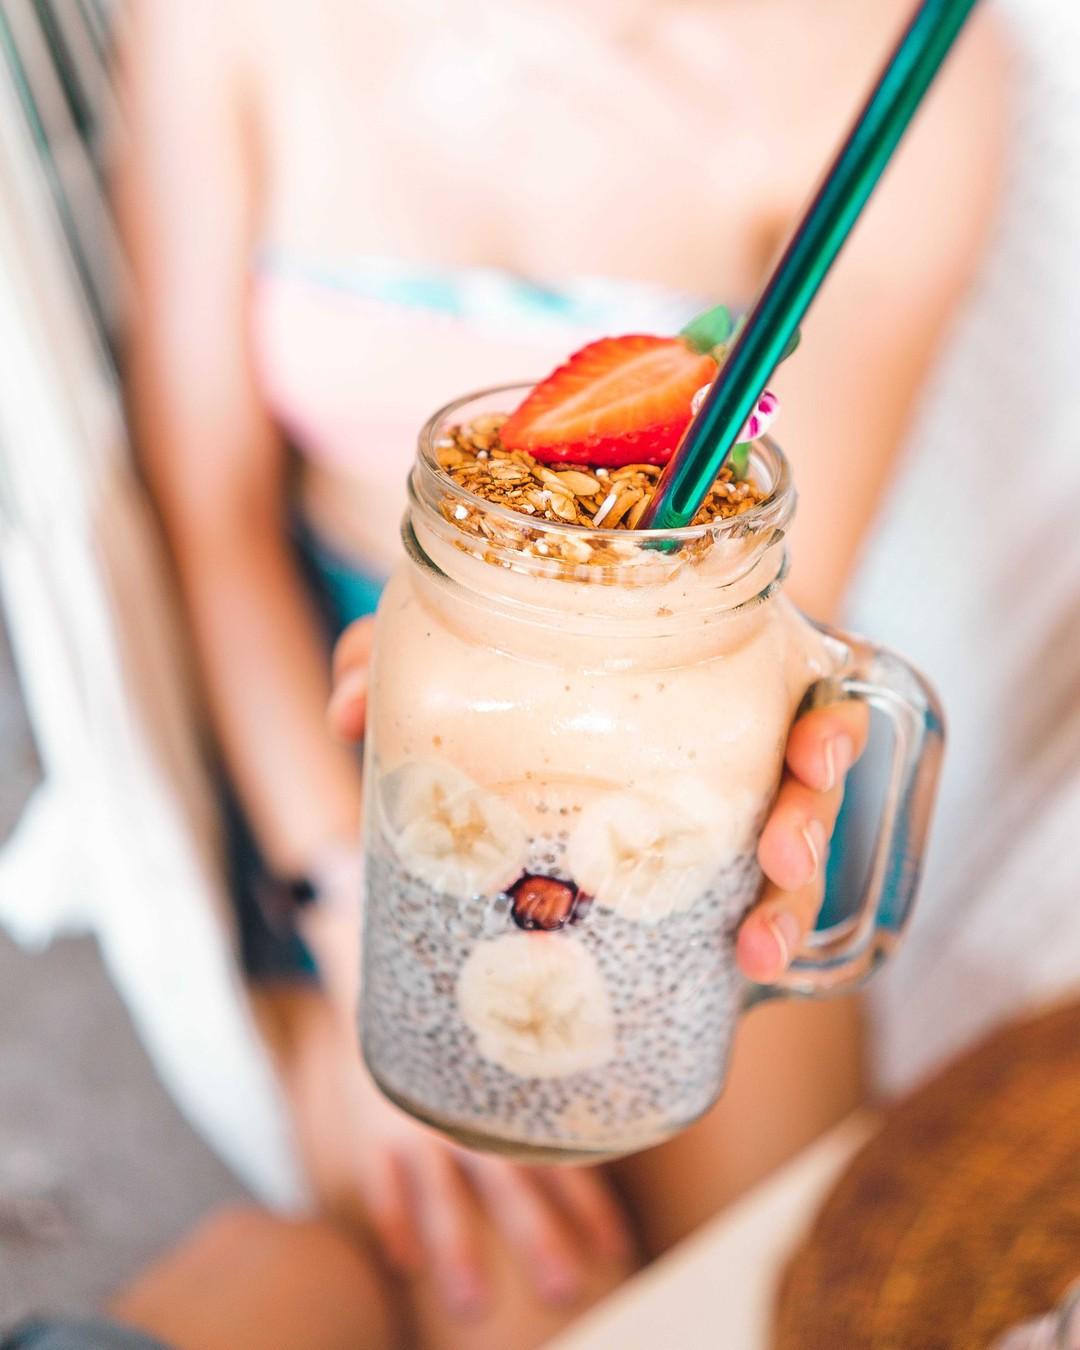 Niedzielne śniadanko i zaczynamy relaksik 🥰 Cudownego dnia! #smoothie #śniadanie #owsianka #overnightoats #healthy #breakfast #dobrypomysl #healthyfood #instafood #aledobre #fit #food #oatmeal #sniadaniemistrzow #sniadanie #pyszne #zdrowejedzenie #banana #vegan #porridge #gotowanie #koktajl #domowakuchnia #yummy #goodmorning #zdrowo #wiemcojem #jedzenie